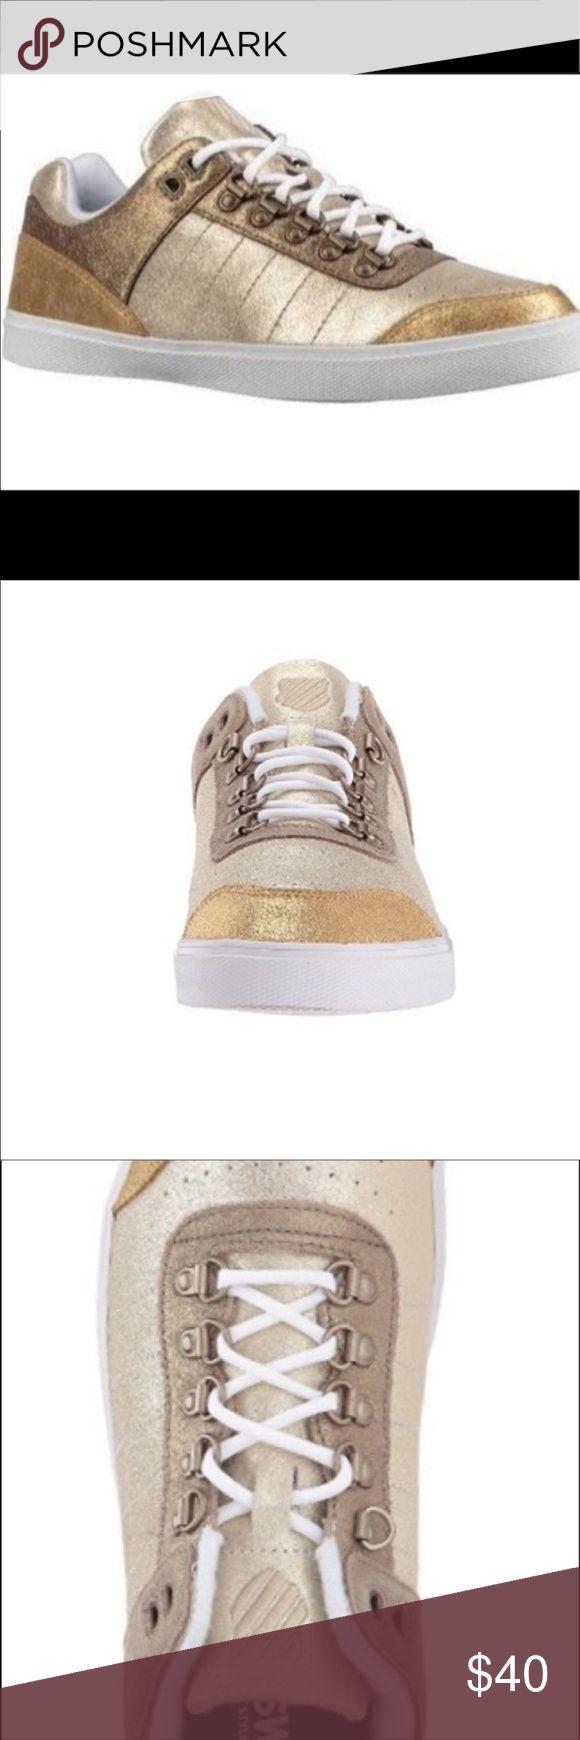 KSWISS Gold Glitter Sneakers Schöne und bequeme KSWISS Sneakers. Drei …